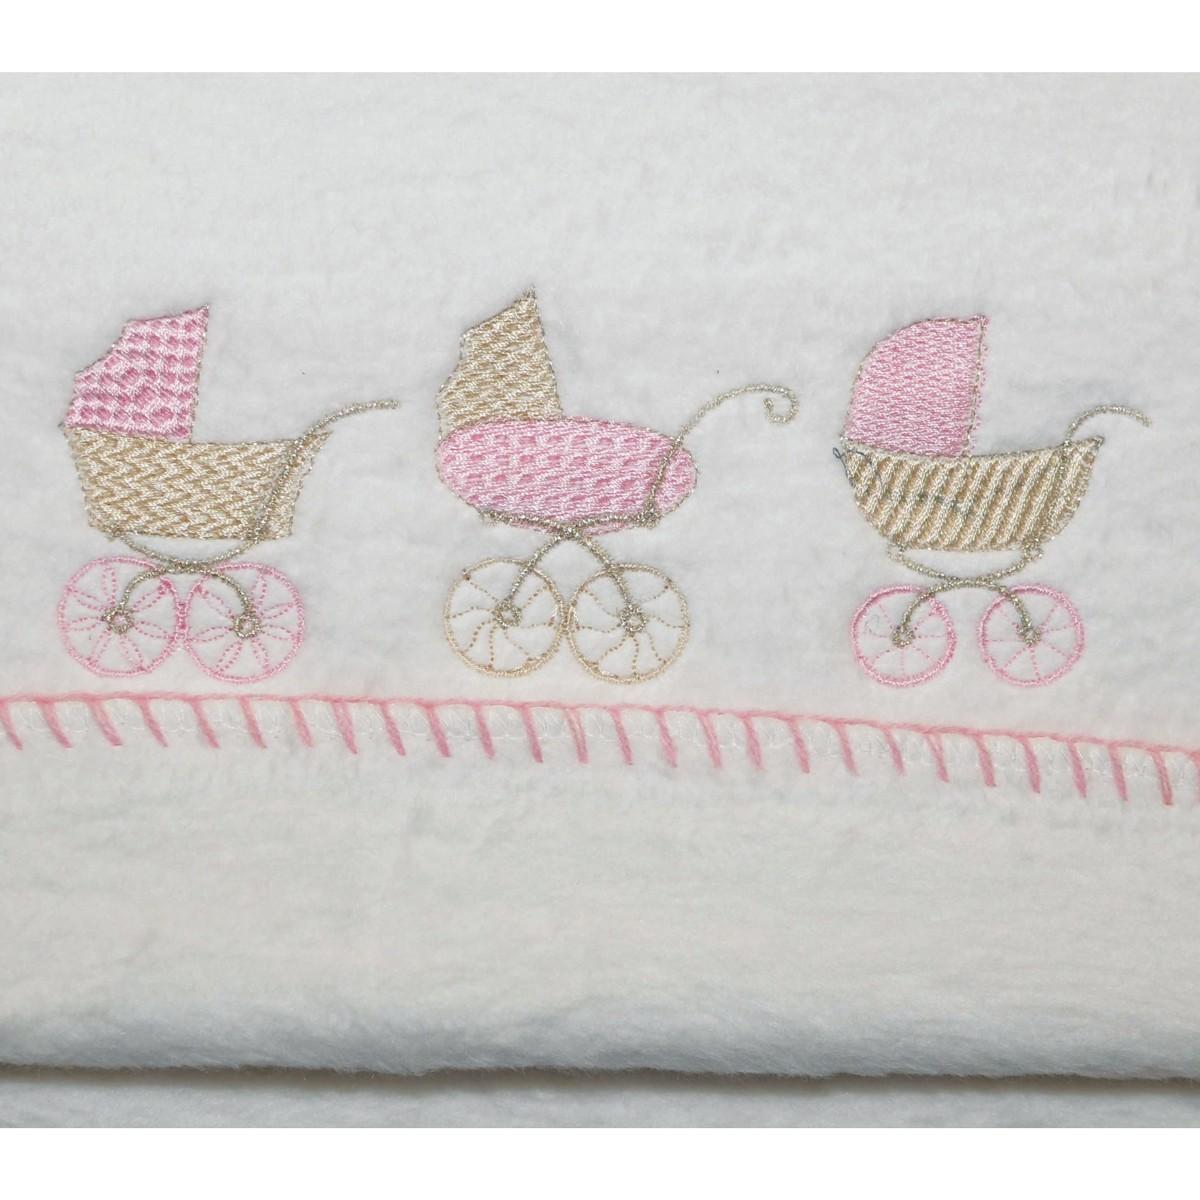 Κουβέρτα Βαμβακερή Αγκαλιάς Morven 608 Pink home   βρεφικά   κουβέρτες βρεφικές   κουβέρτες fleece